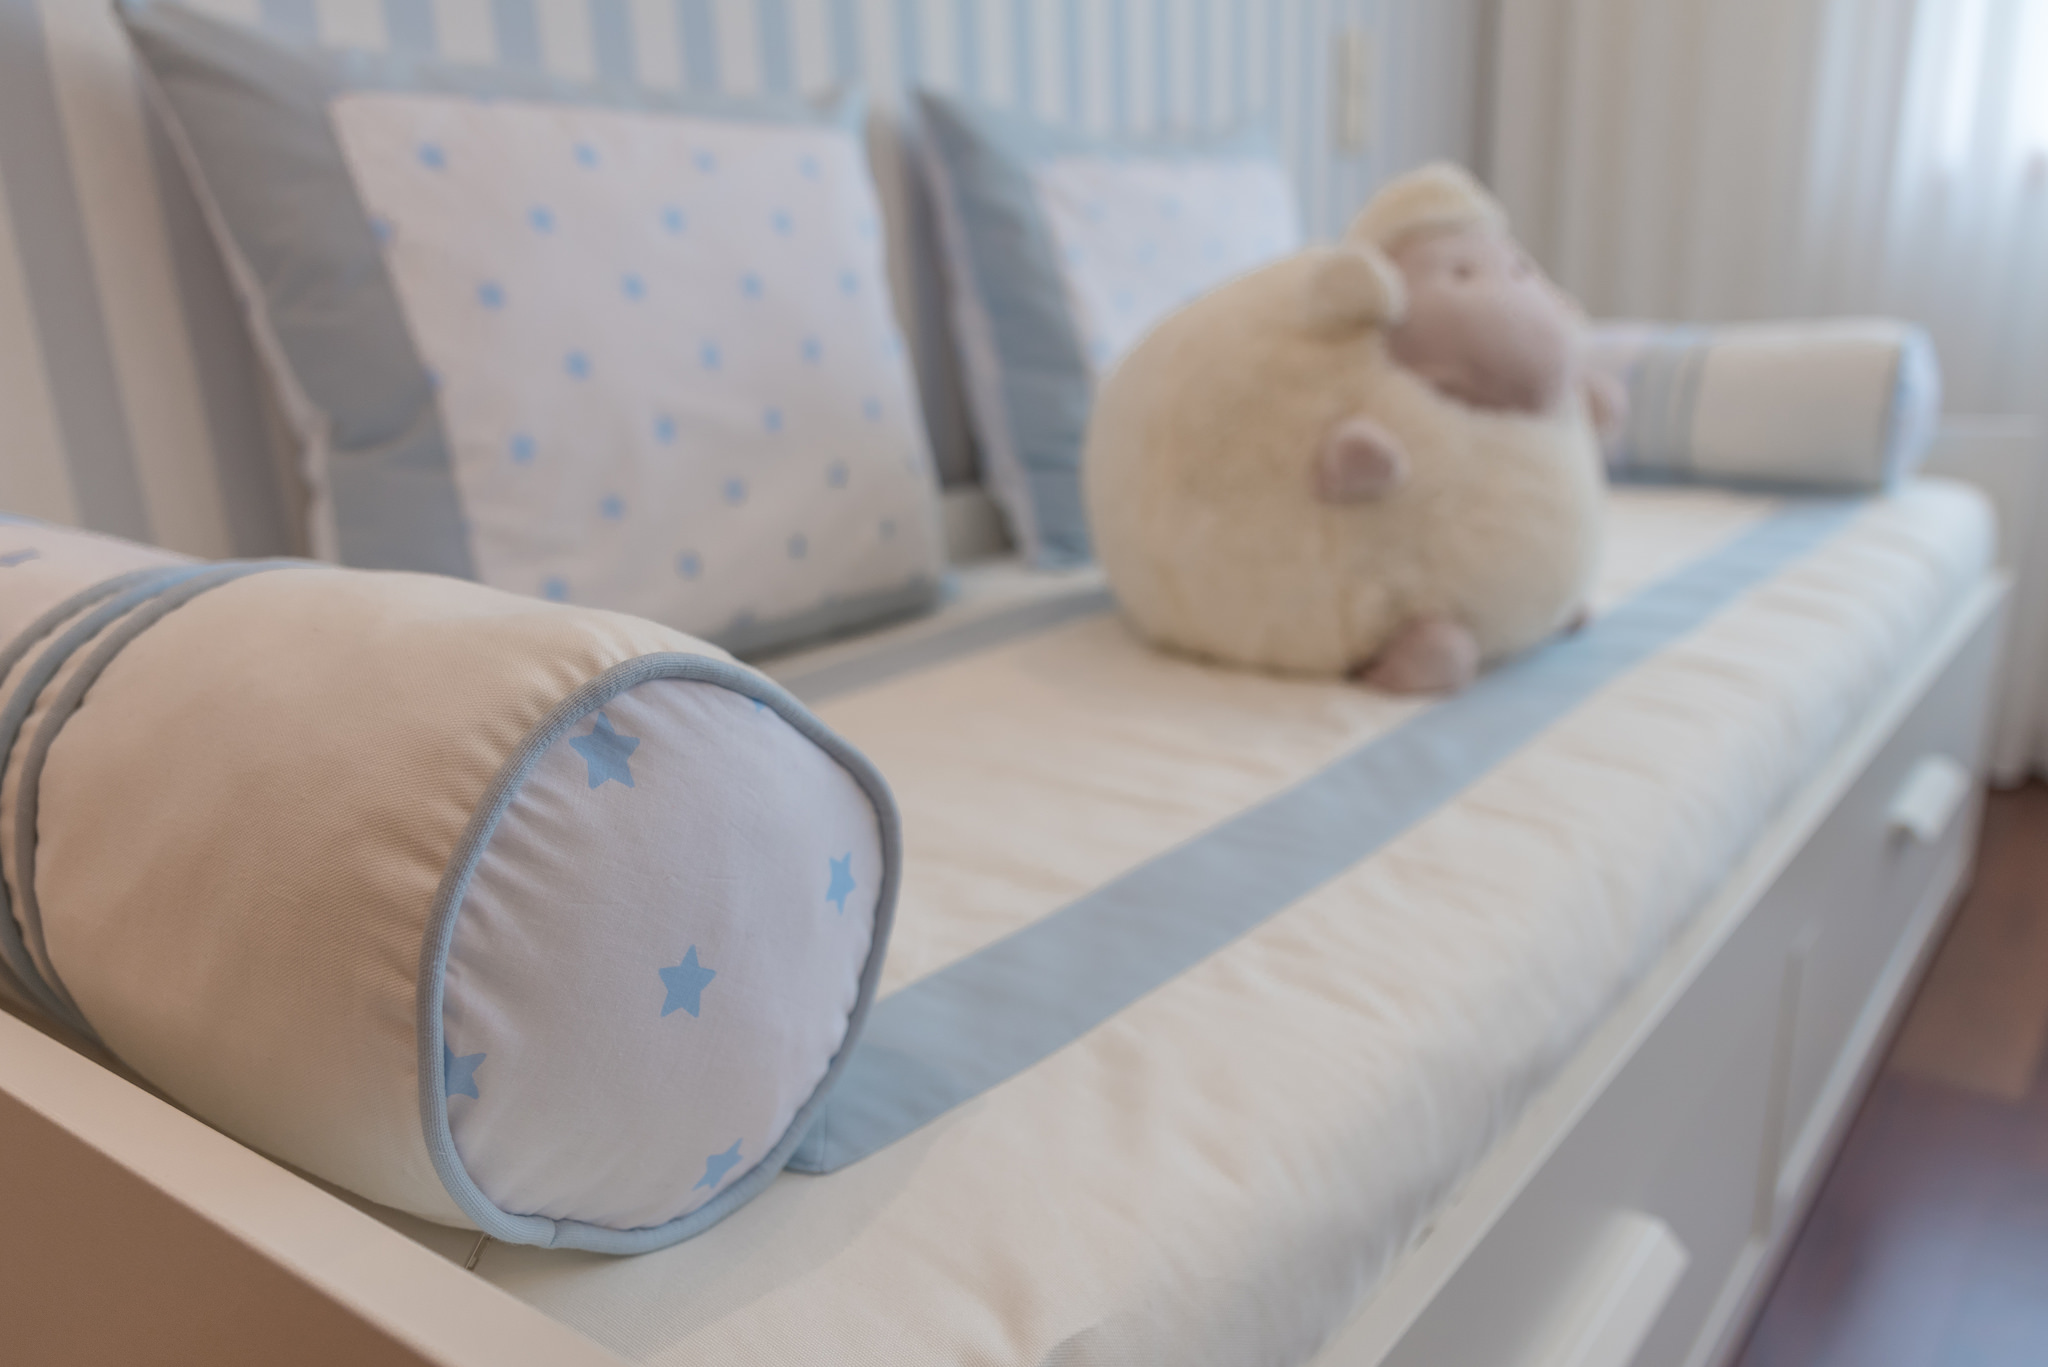 Ângela Pinheiro - Decoração de Interiores - Home Design - Agrival 2014 - Riscas e Estrelas